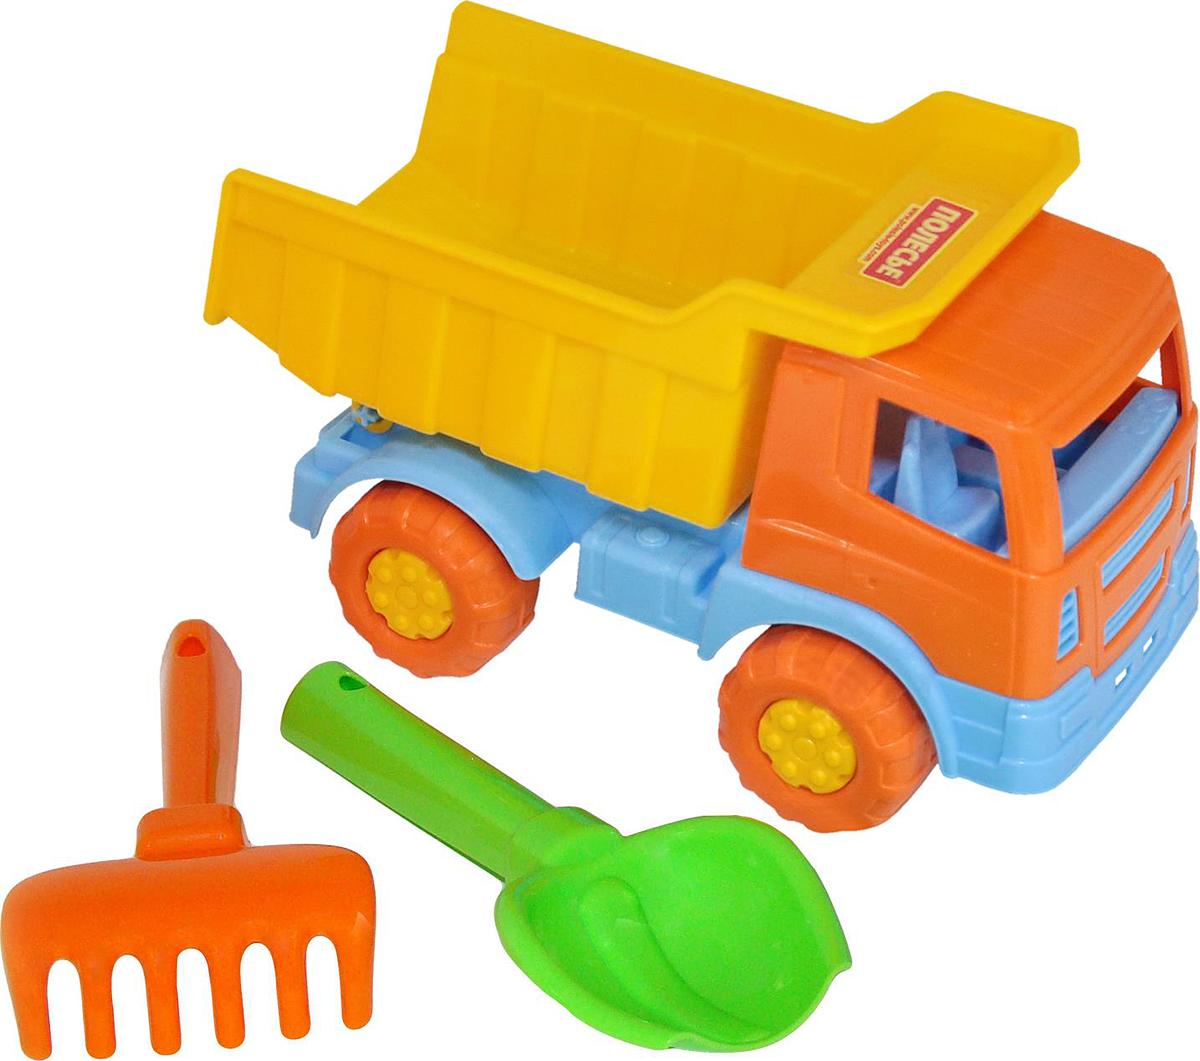 Фото - Полесье Набор игрушек для песочницы №188 Салют, цвет в ассортименте полесье набор игрушек для песочницы 281 цвет в ассортименте